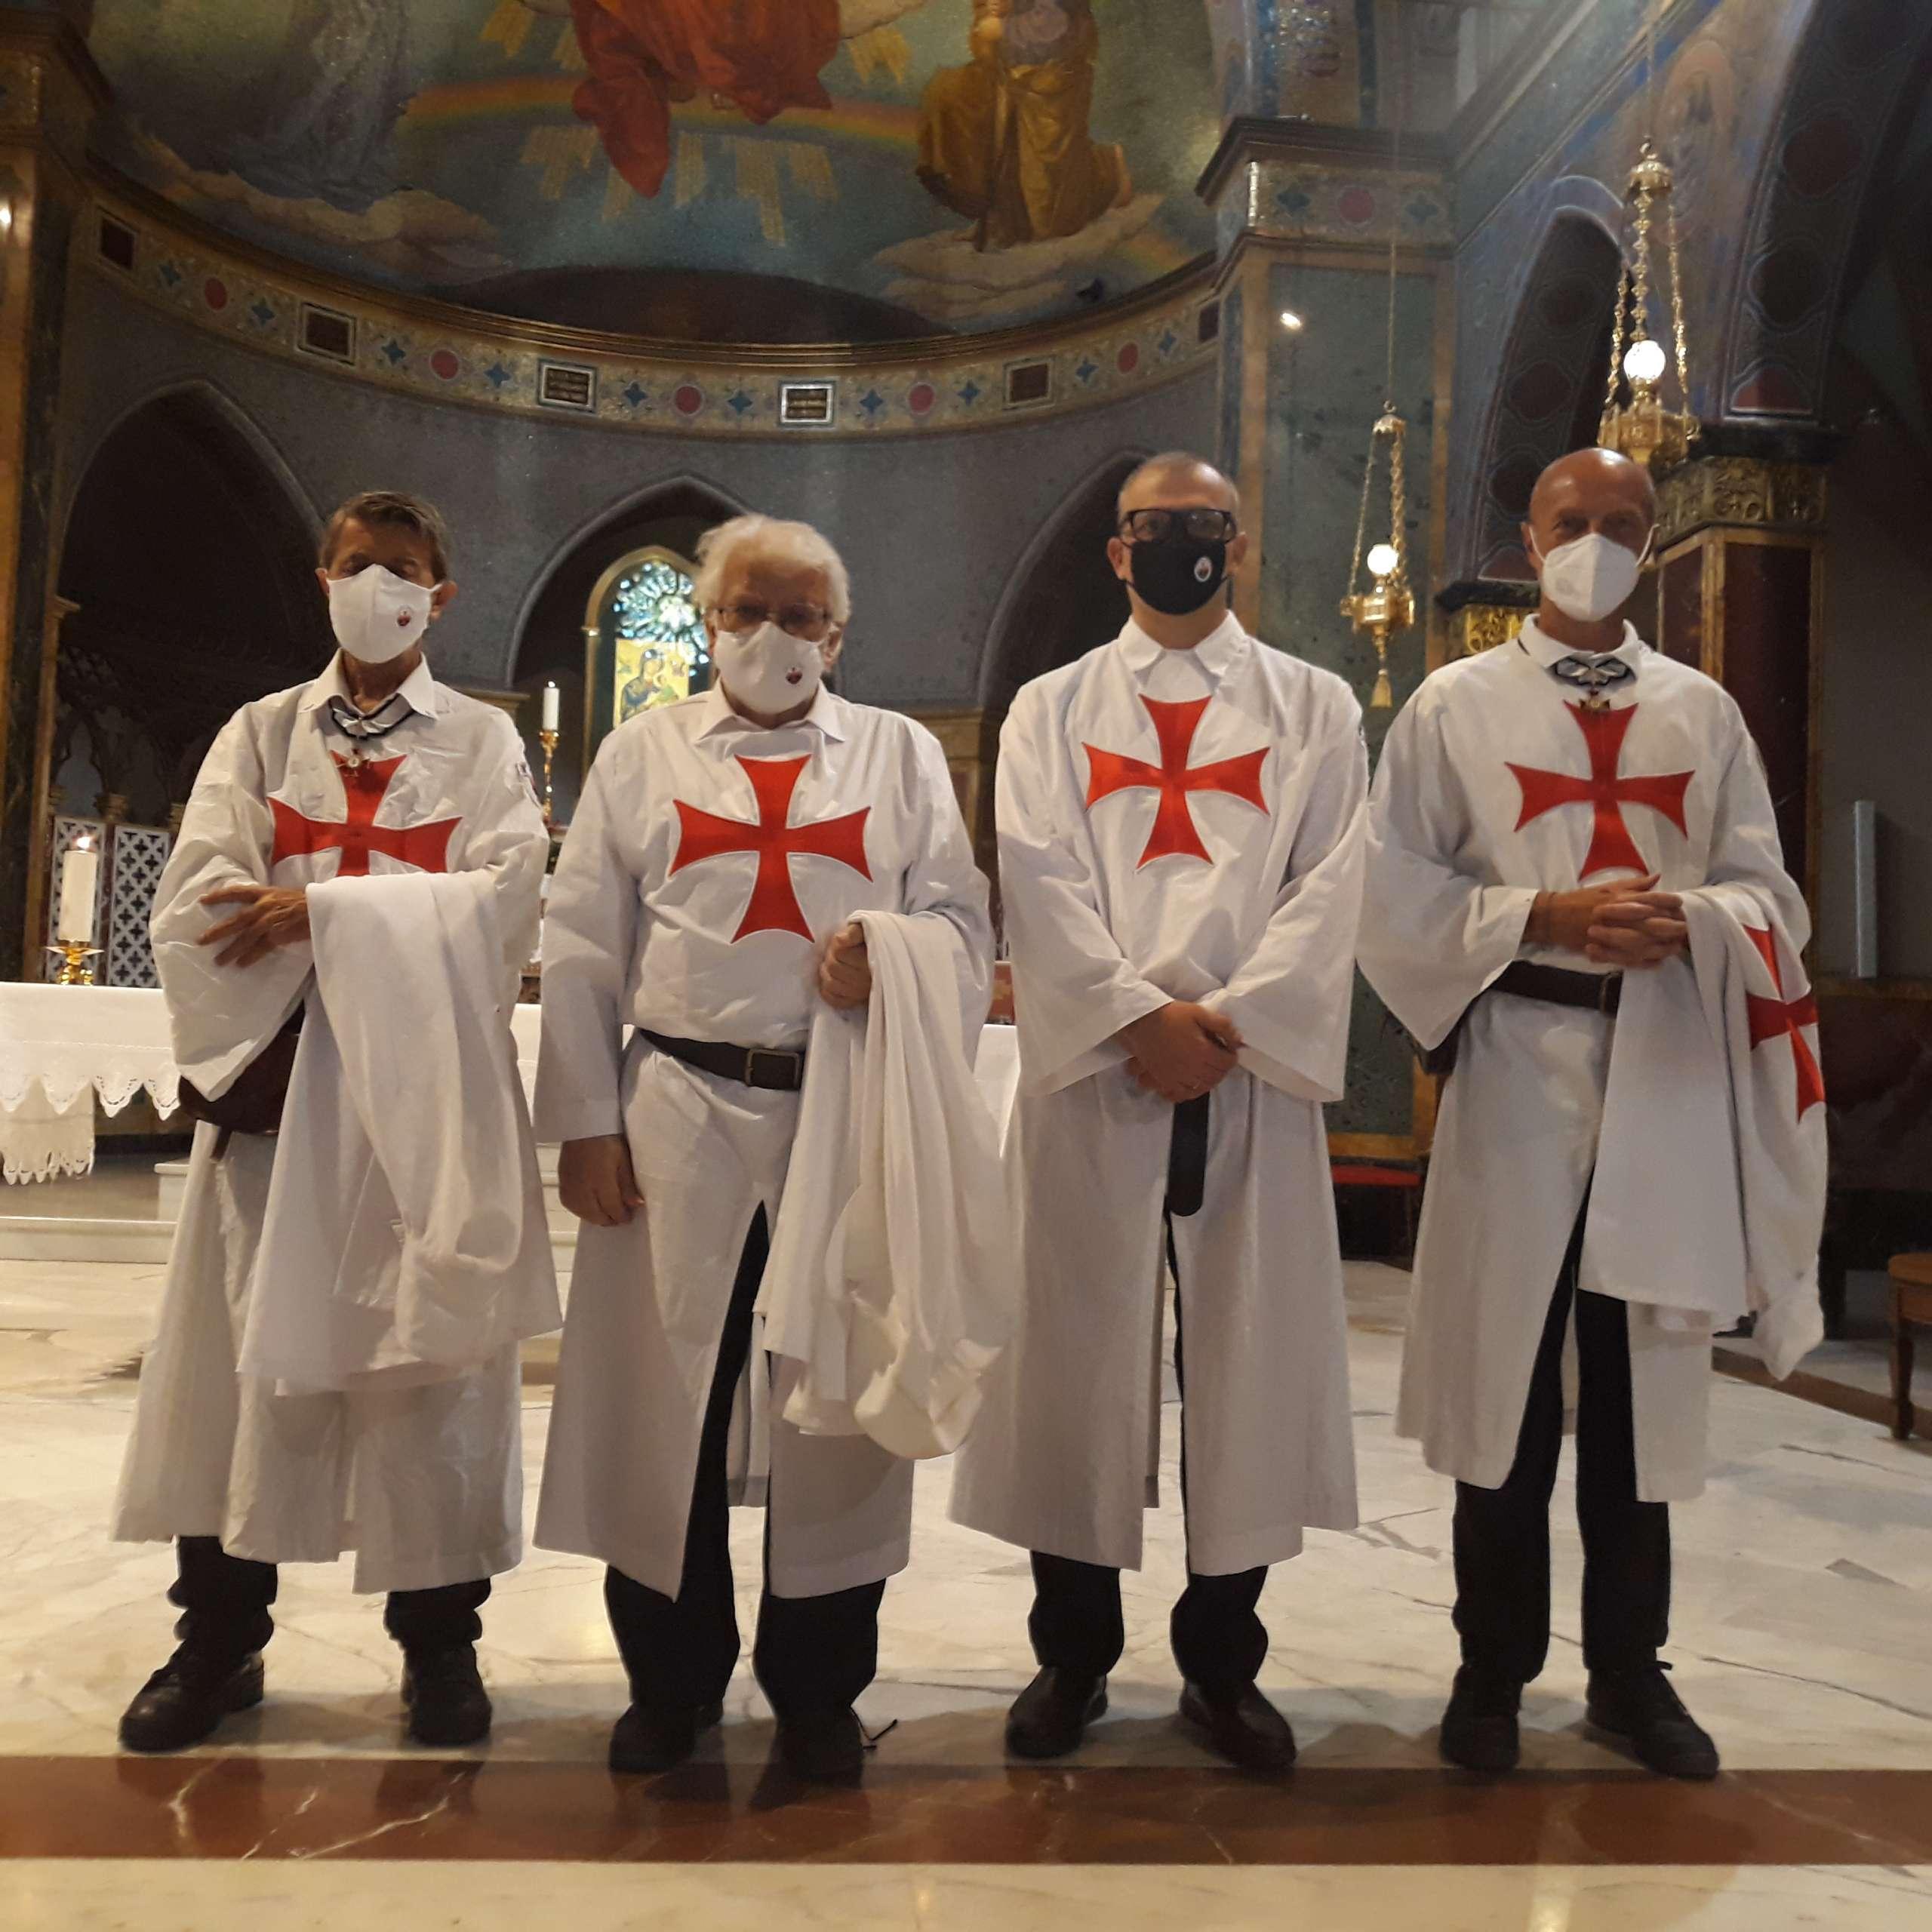 Custodia presso la Chiesa di Sant'Alfonso all'Esquilino – Roma 19.09.2021